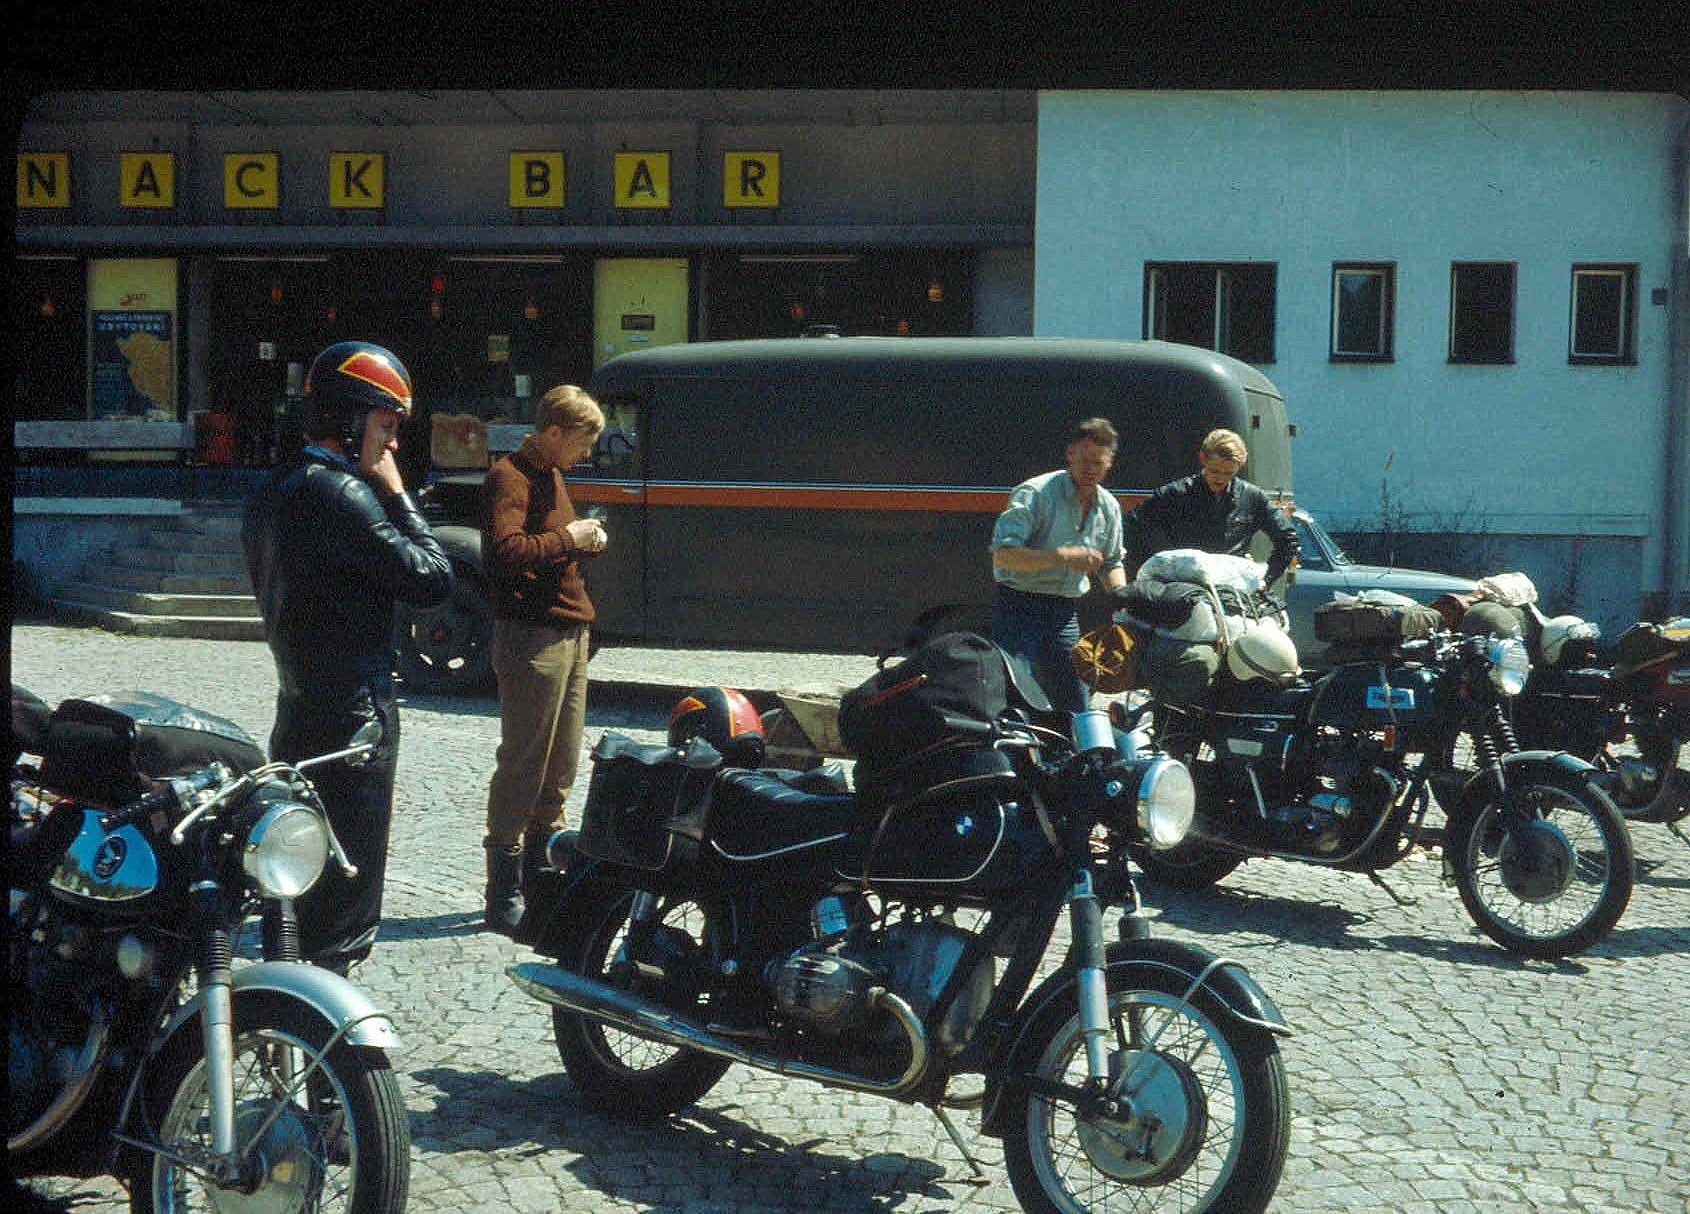 Rast på vejen. Fra venstre Krause, mig selv, Gunnar Berg og Storm. Krause kørte Honda, Jens Jørgen BMW, Gunnar Berg Triumph Trident, Storm en 2-cylindret Triumph